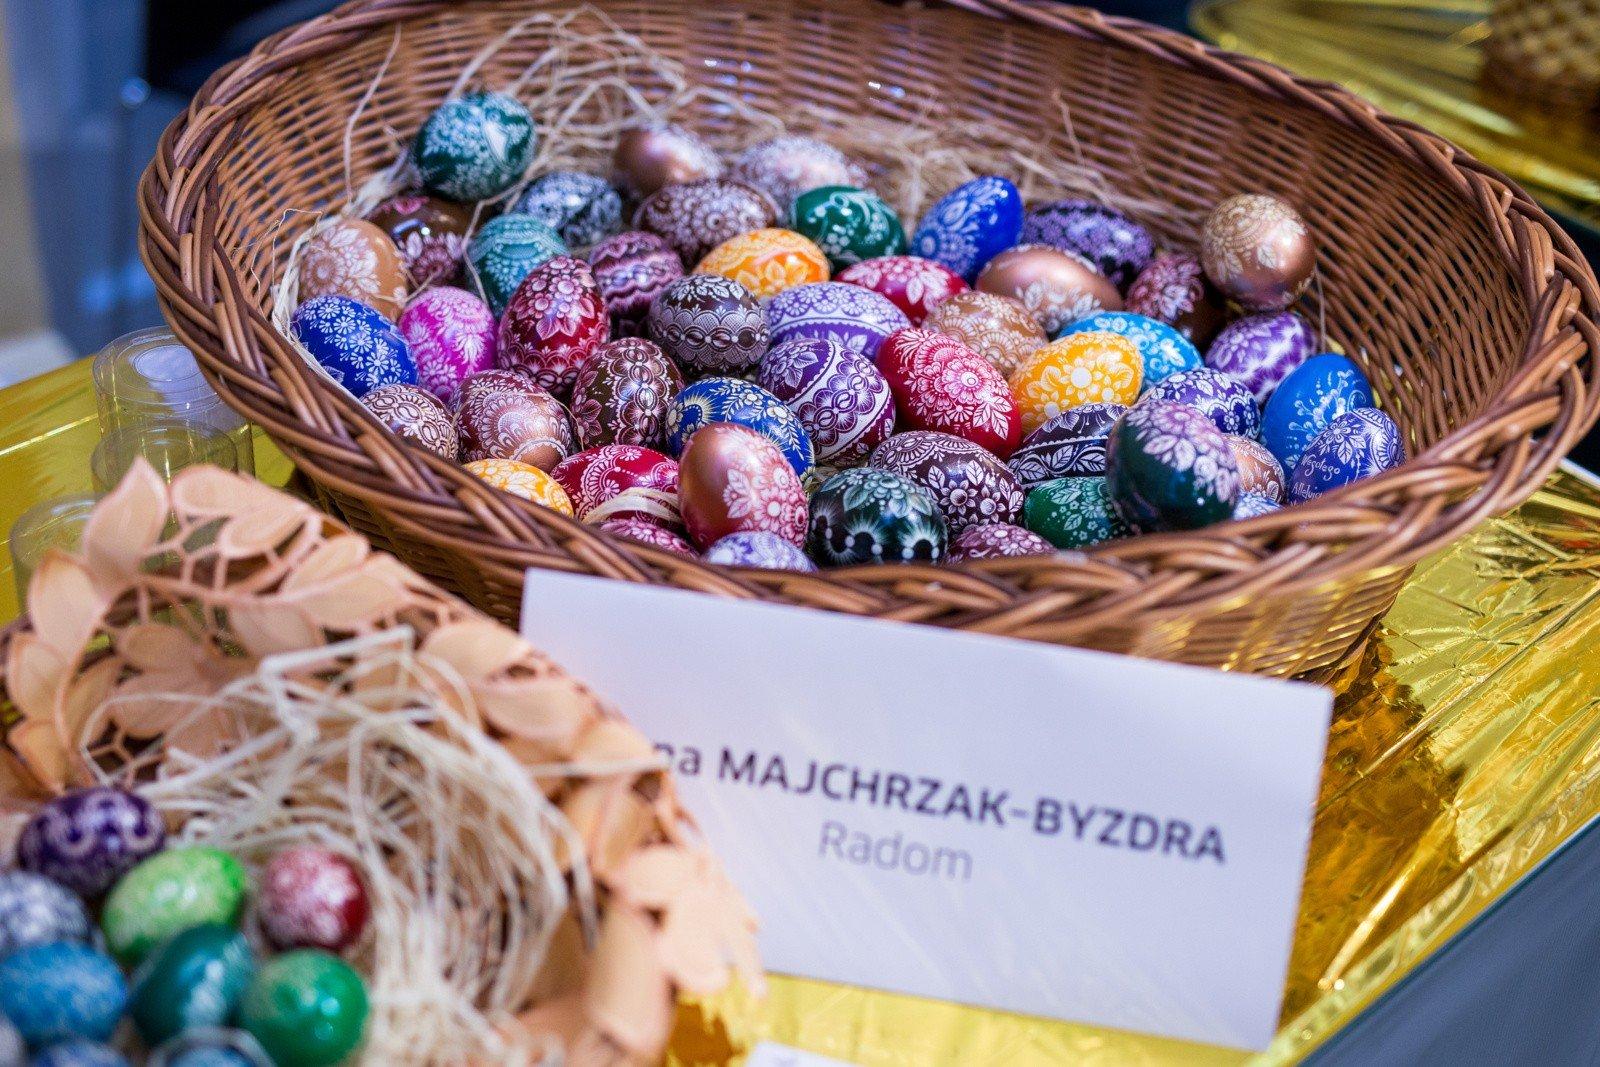 Wielkanoc 2018 Tradycje I Zwyczaje Wielkanocne Kiedy Wypadają